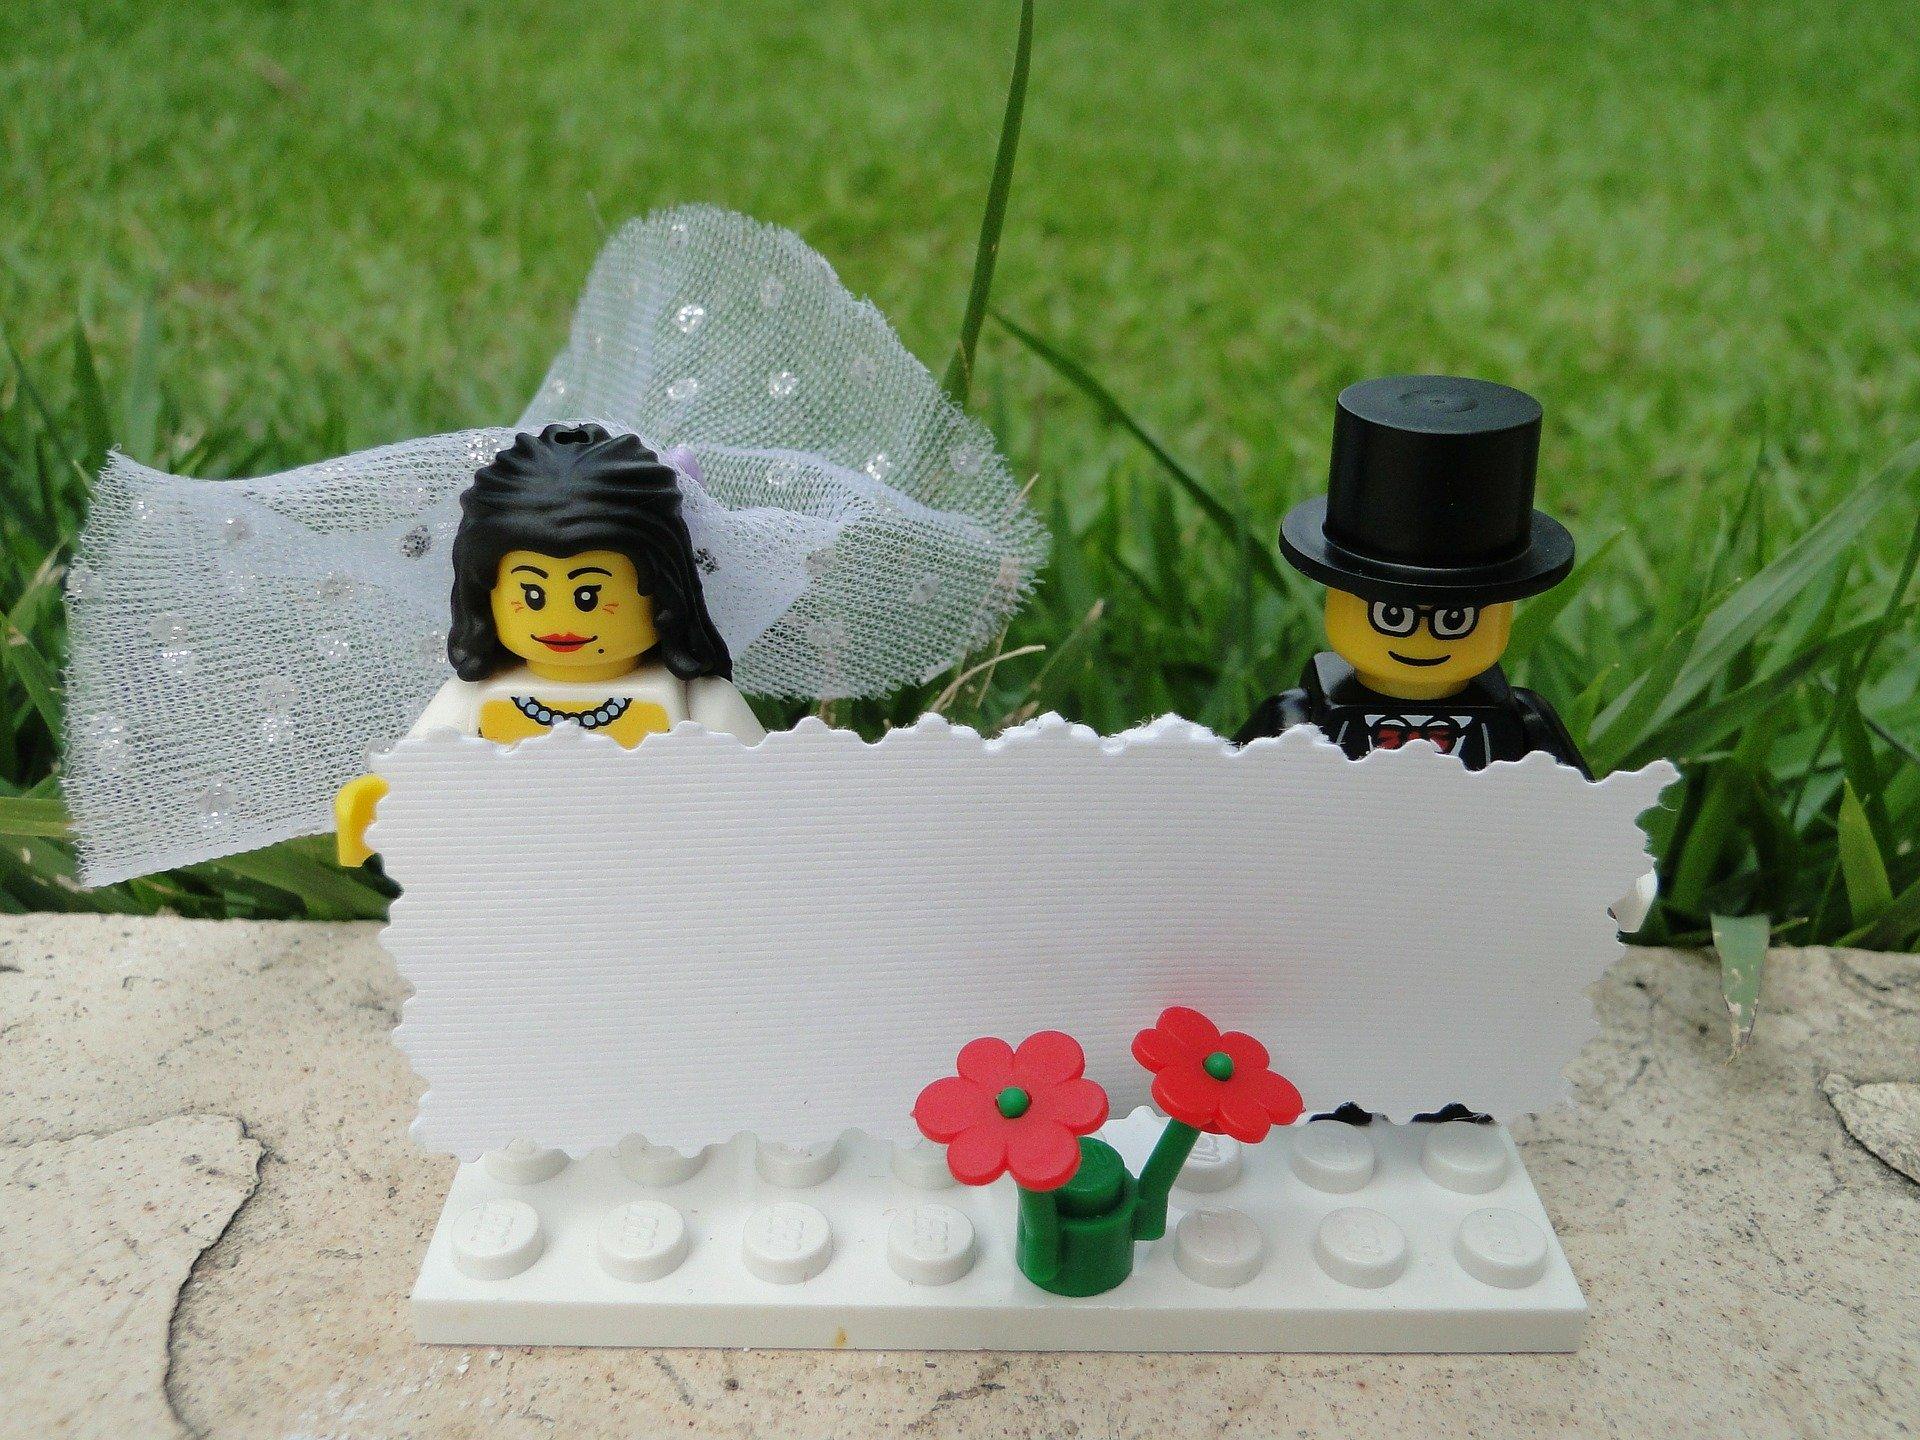 dárek novomanželům